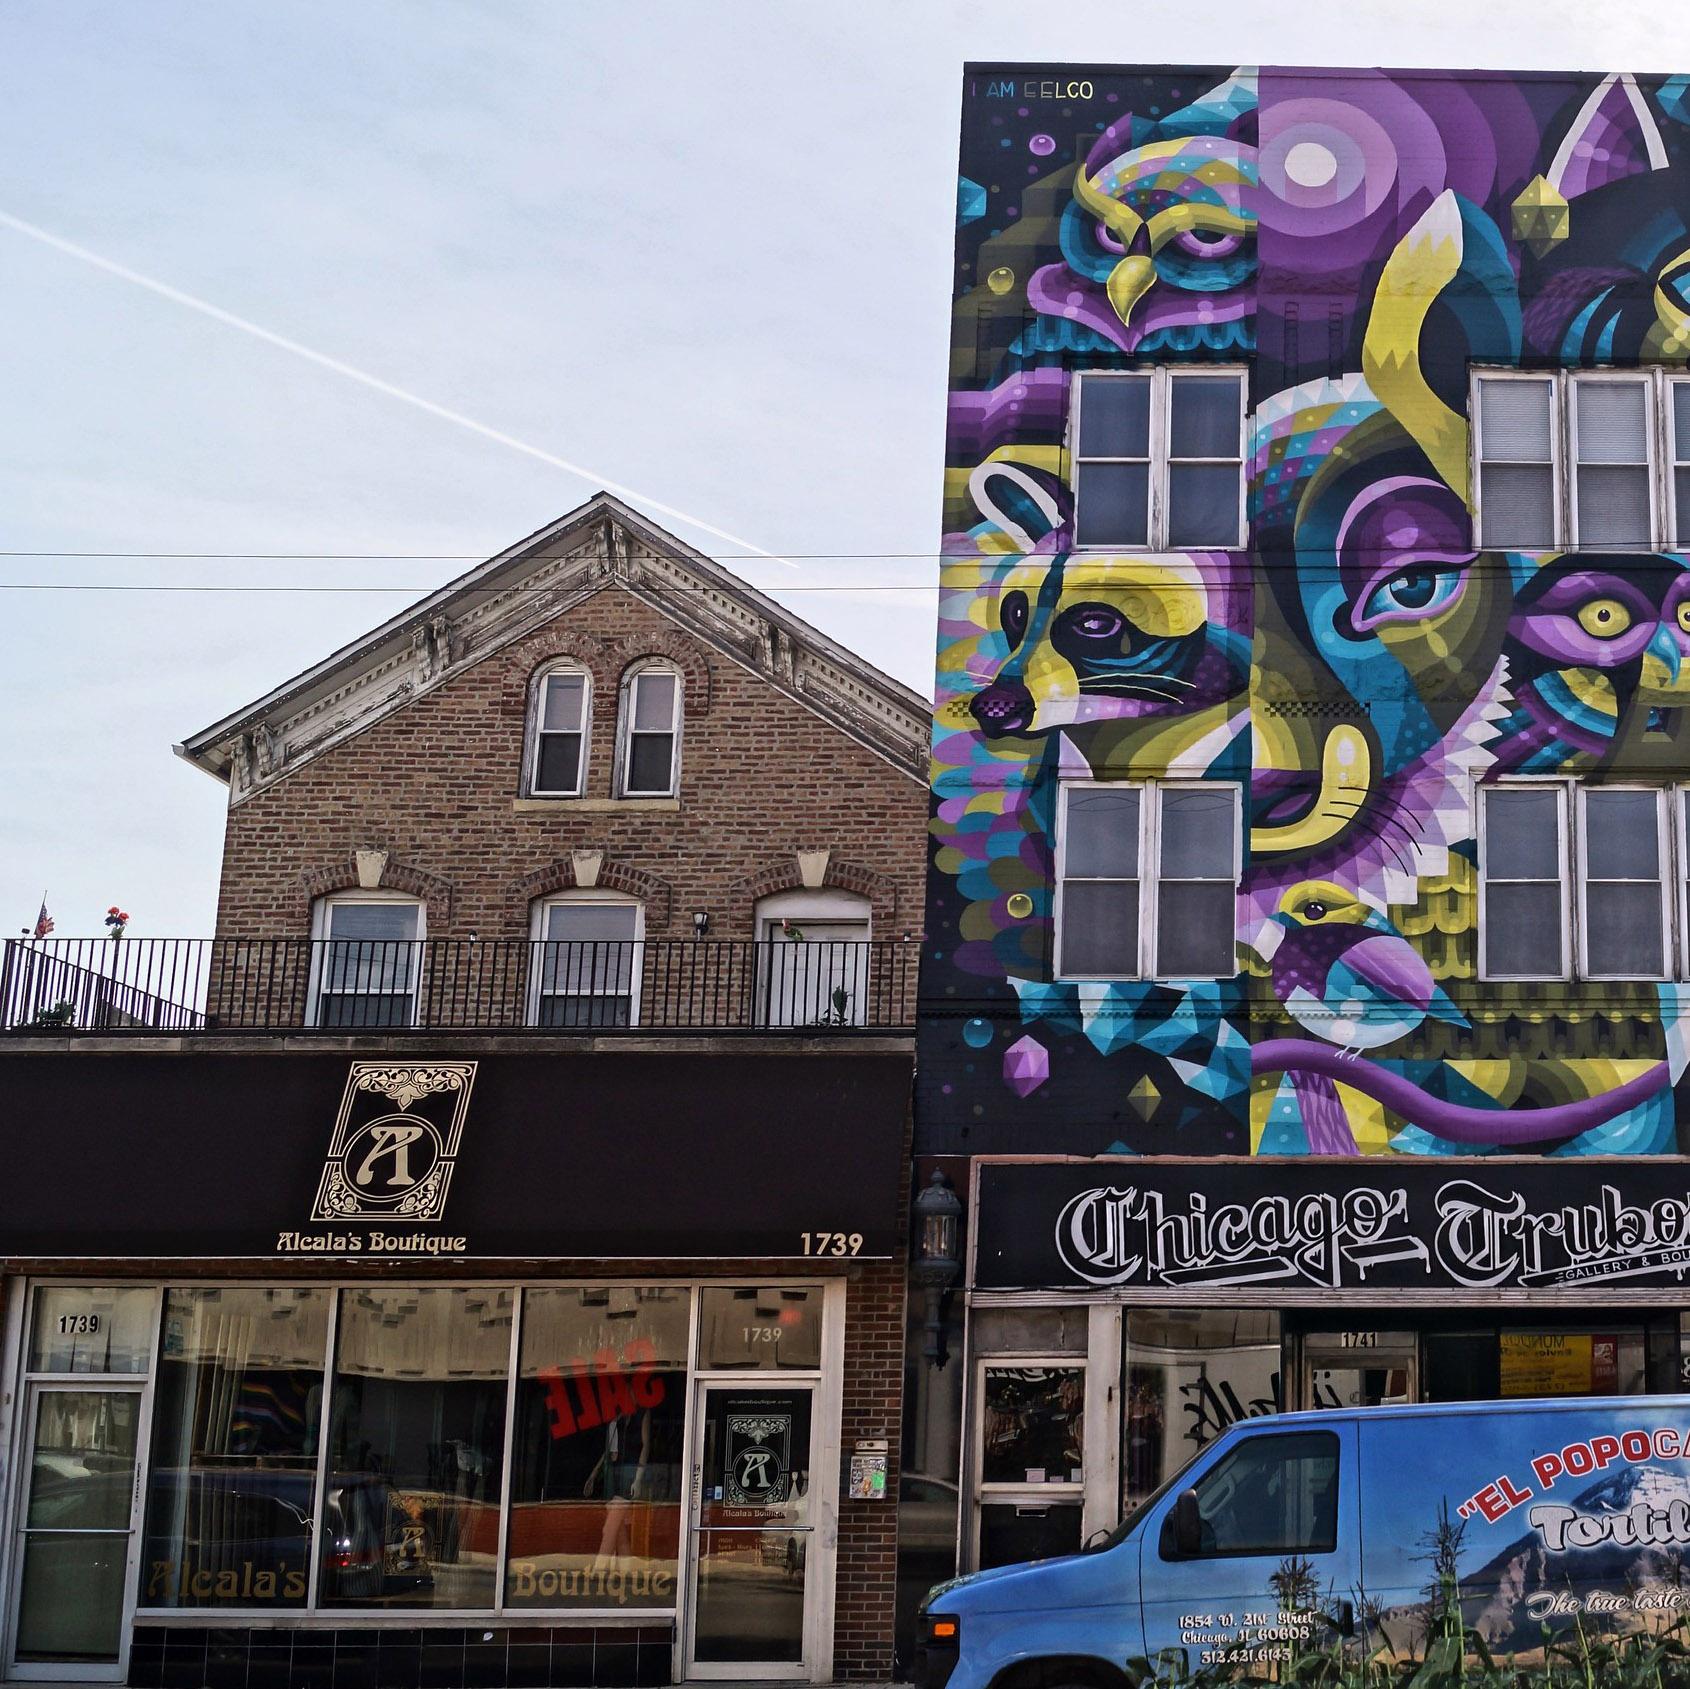 Street art in West Town, Chicago